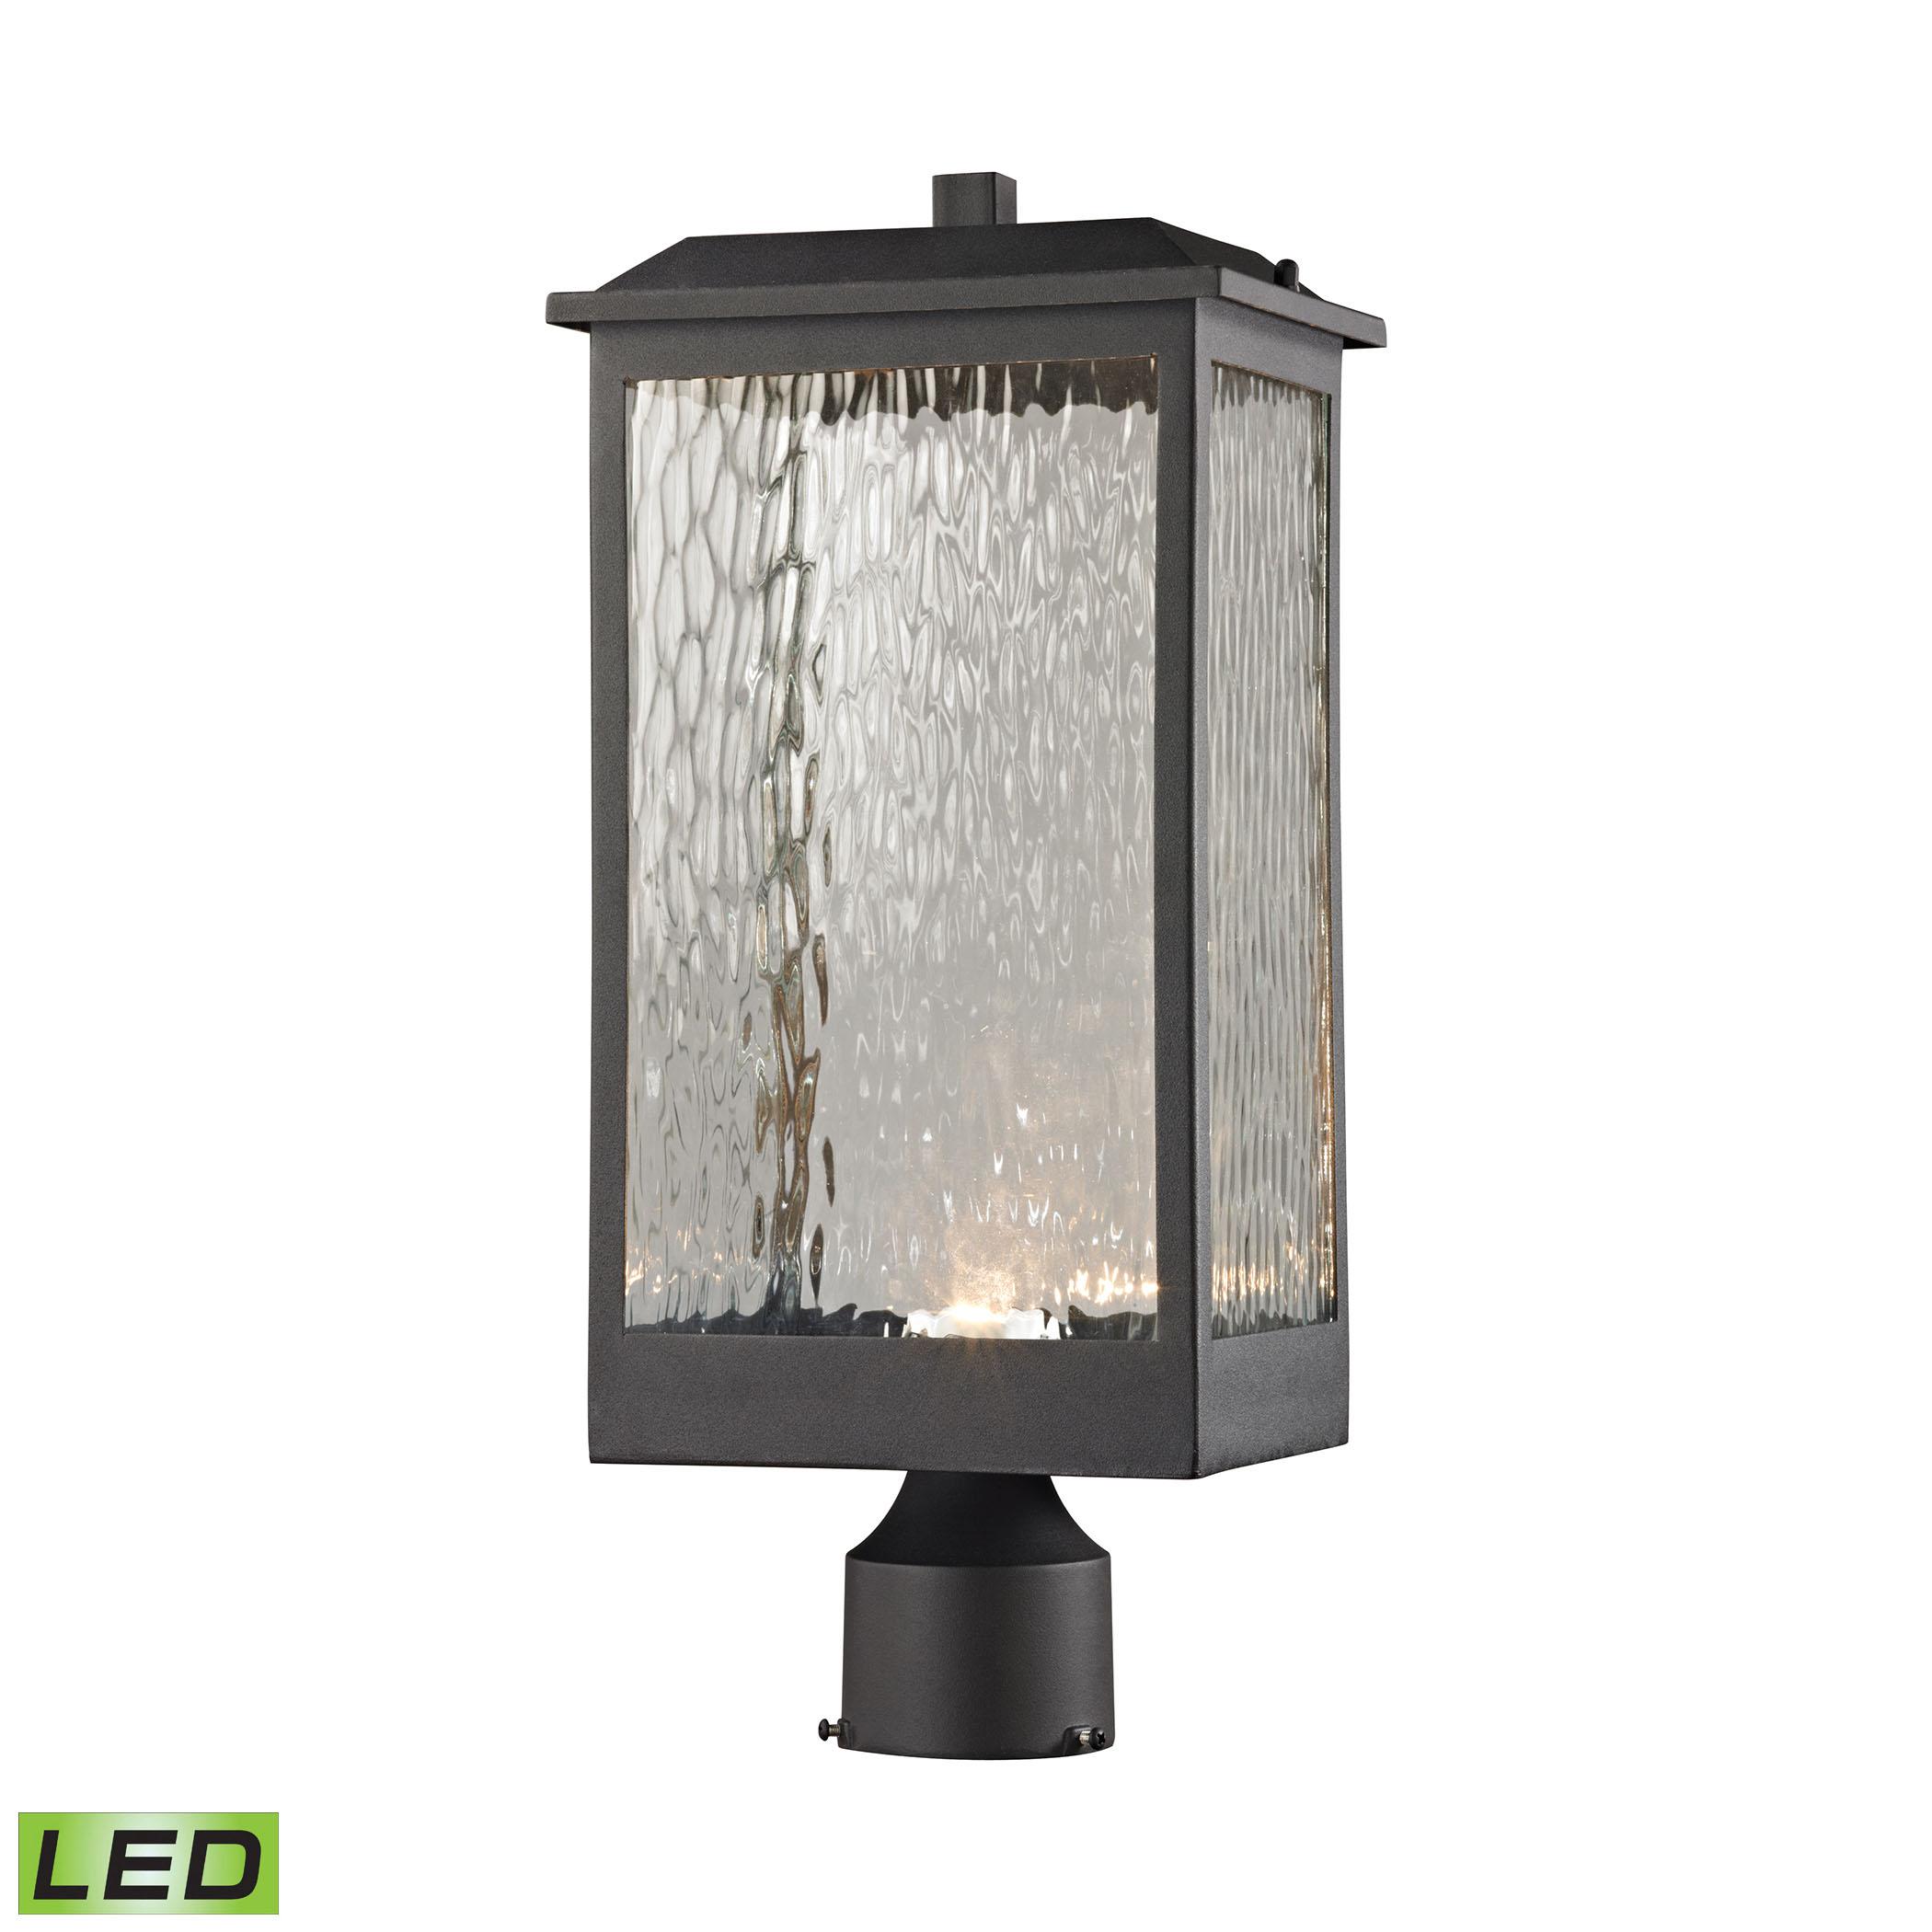 Newcastle Led Outdoor Post Light By Elk Lighting 45204 Led